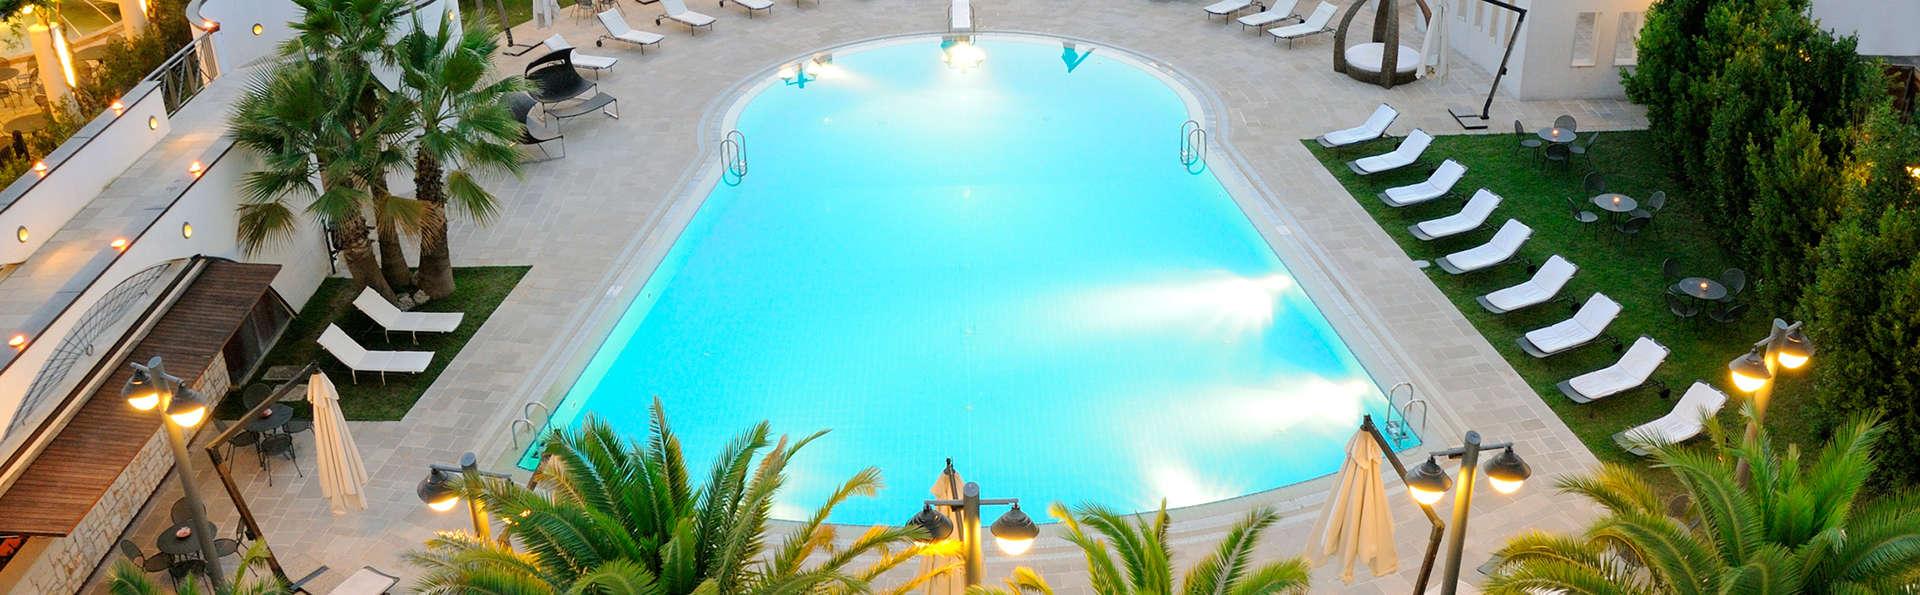 Grand Hotel La Chiusa di Chietri - EDIT_pool3.jpg